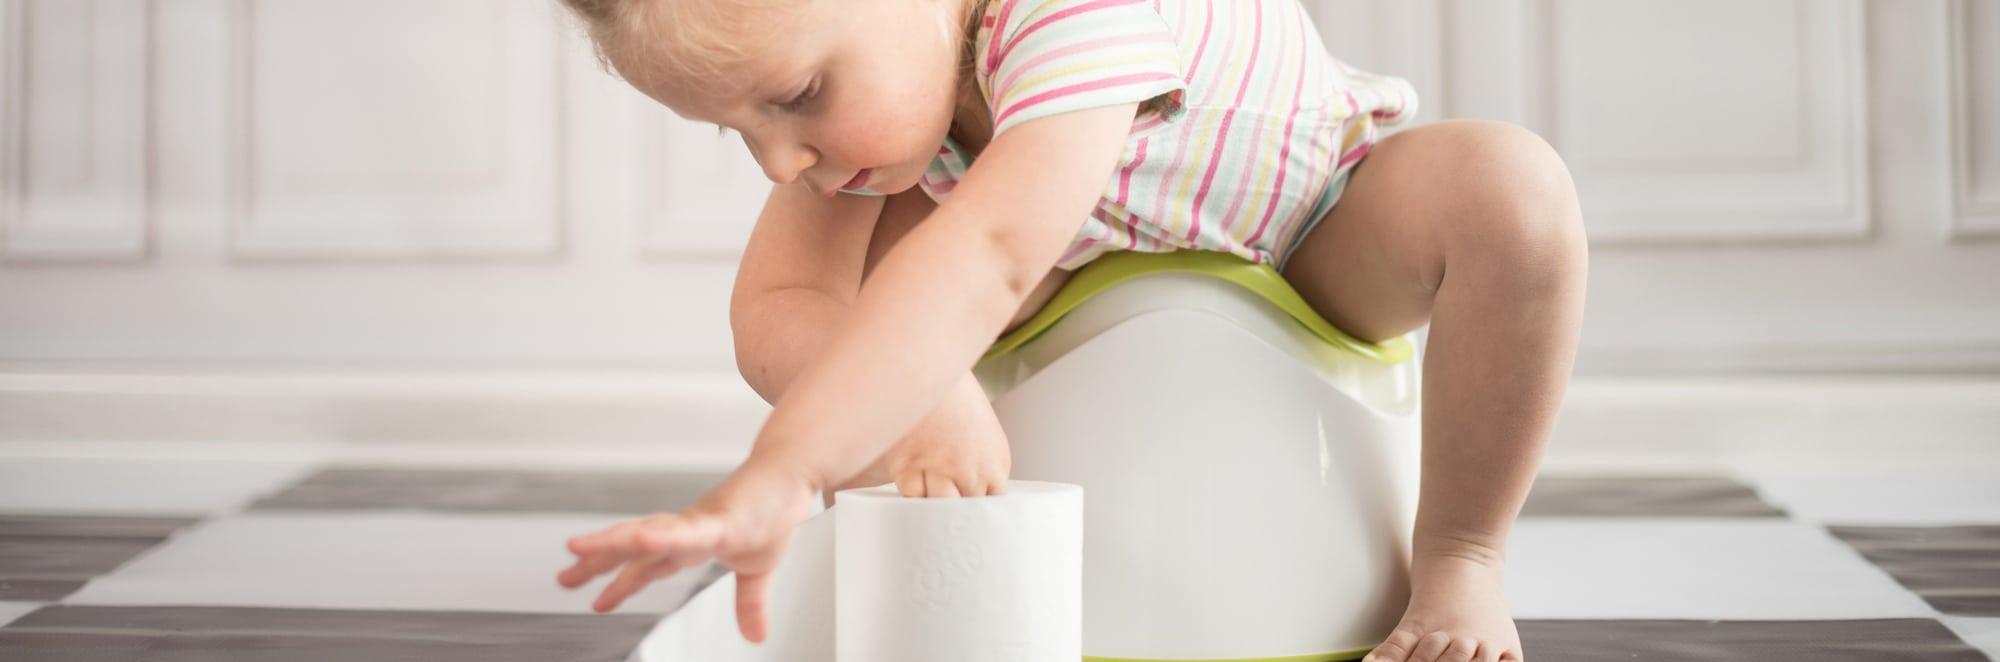 Initier Bébé Au Pot apprentissage de la propreté chez bébé : à quel âge ? blédina l